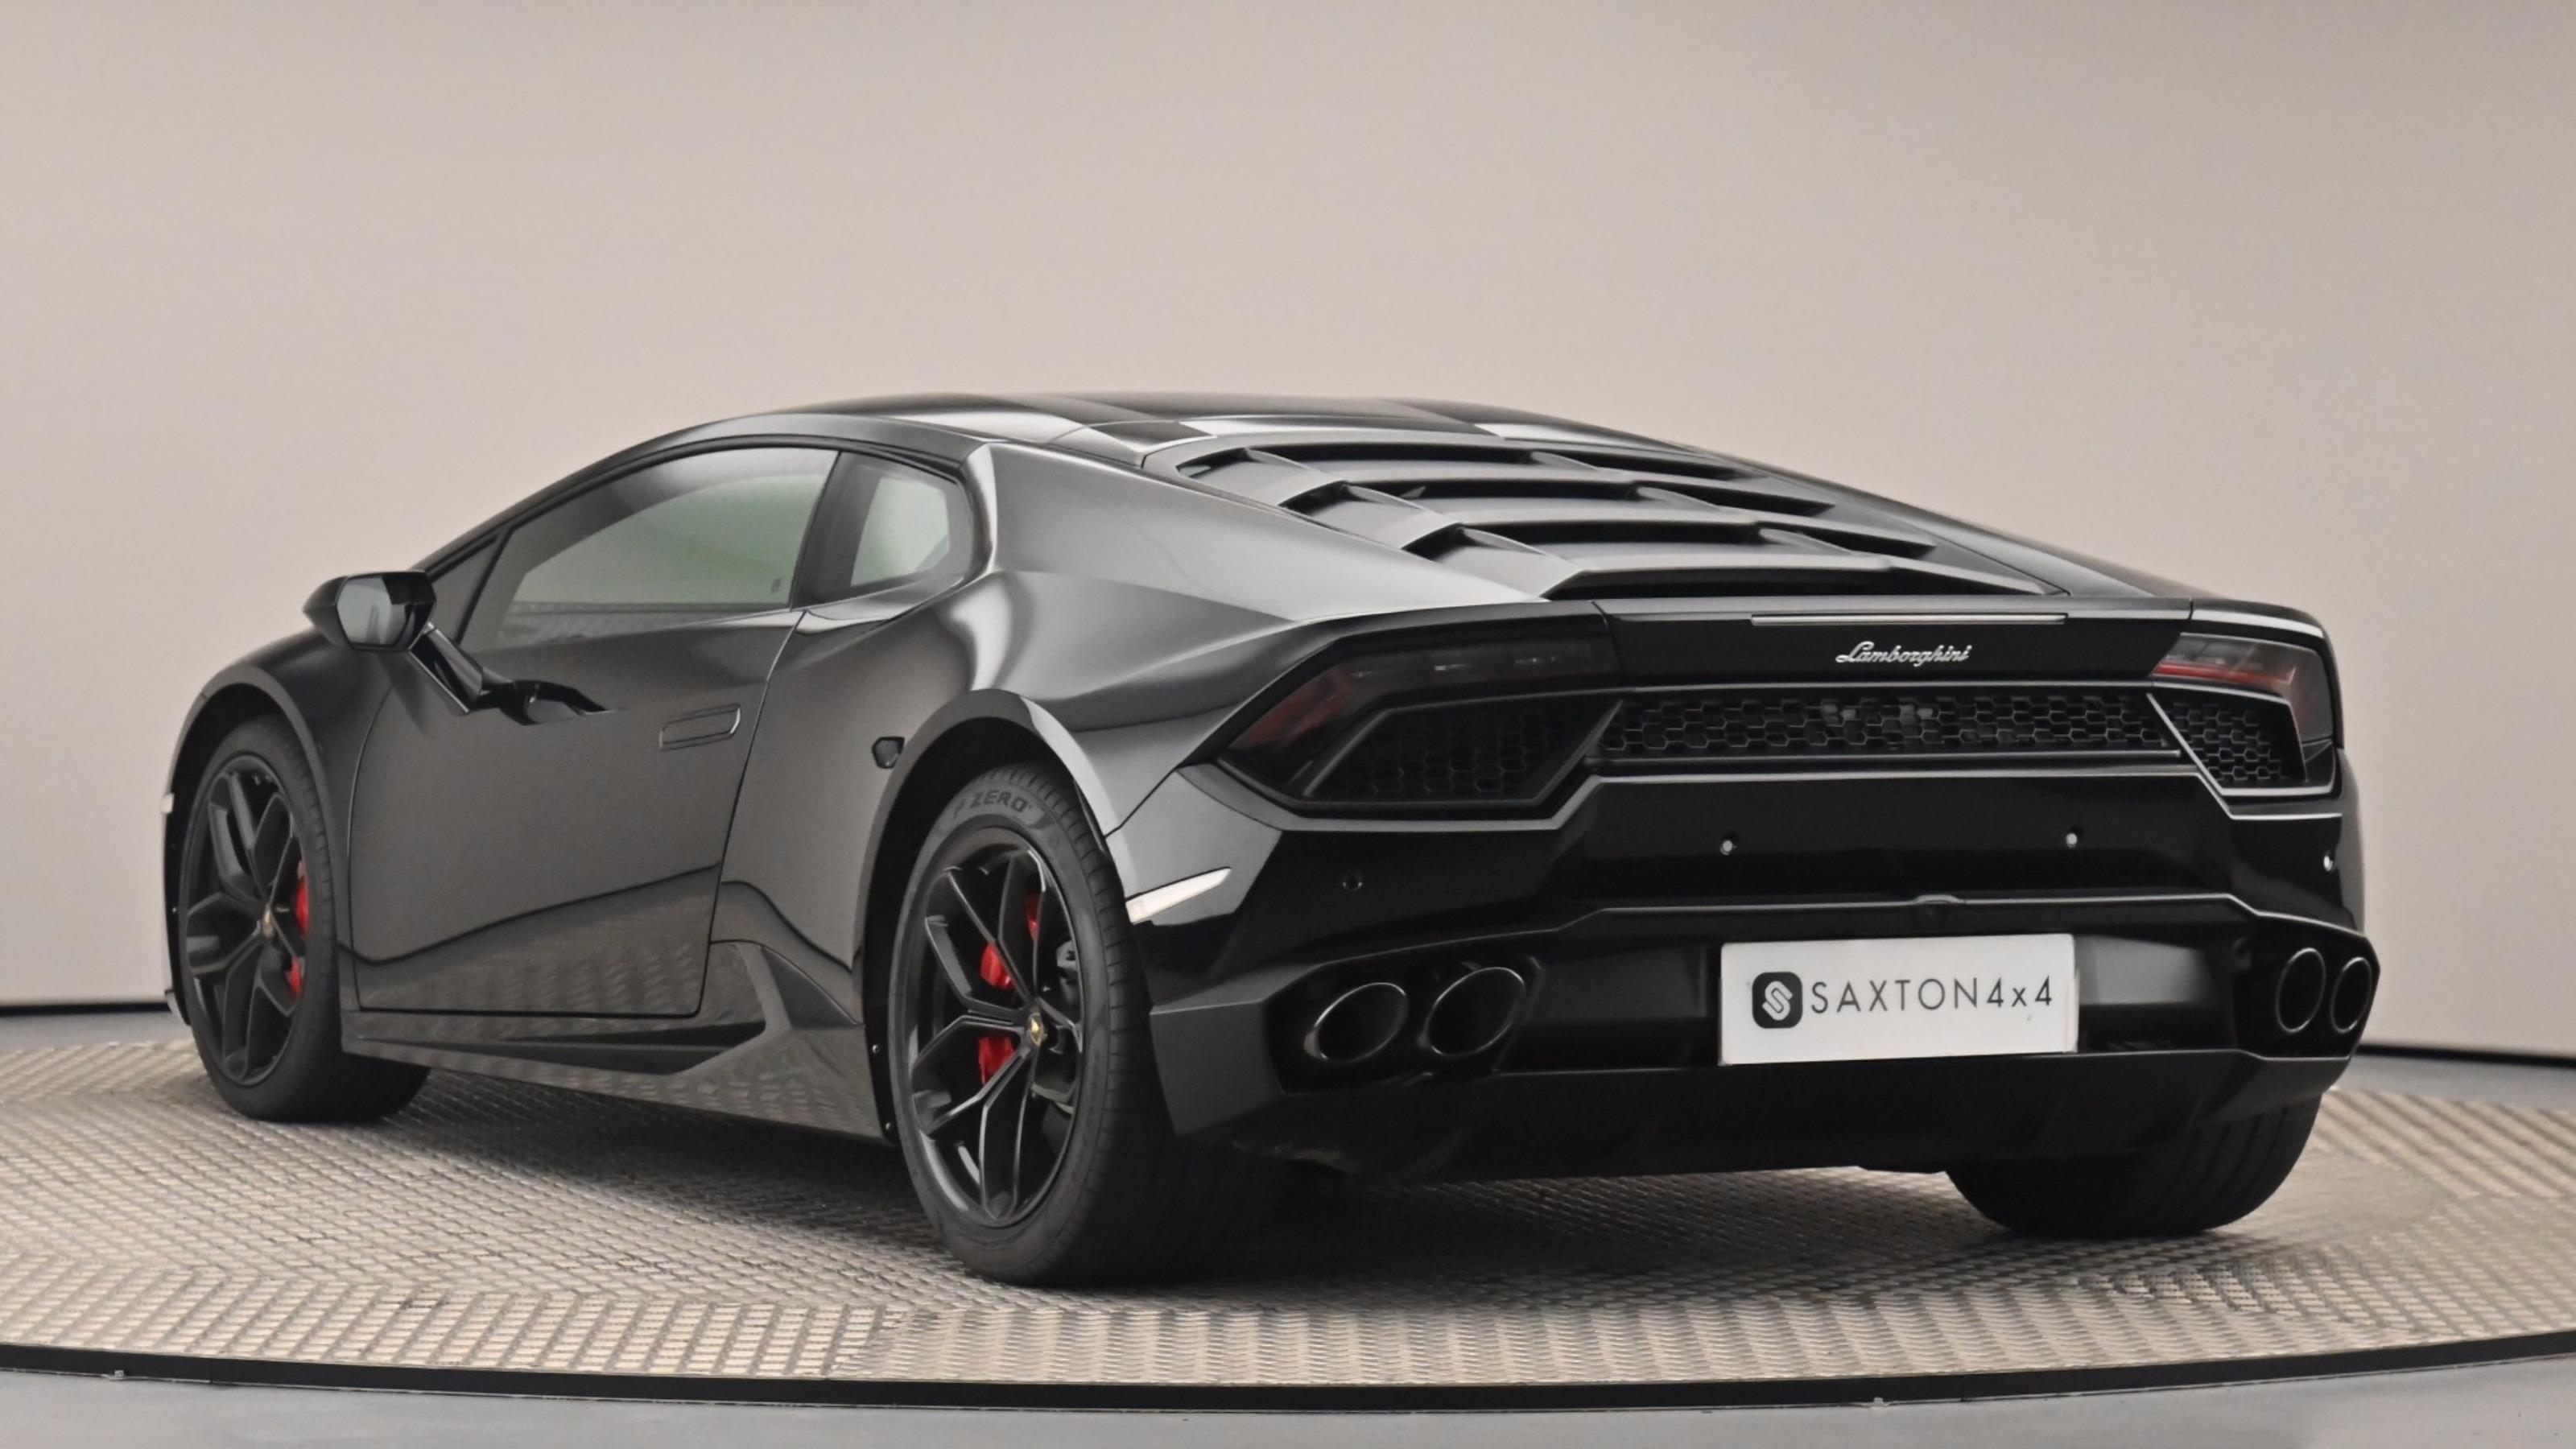 Used 2017 Lamborghini HURACAN LP 580-2 2dr LDF Black at Saxton4x4